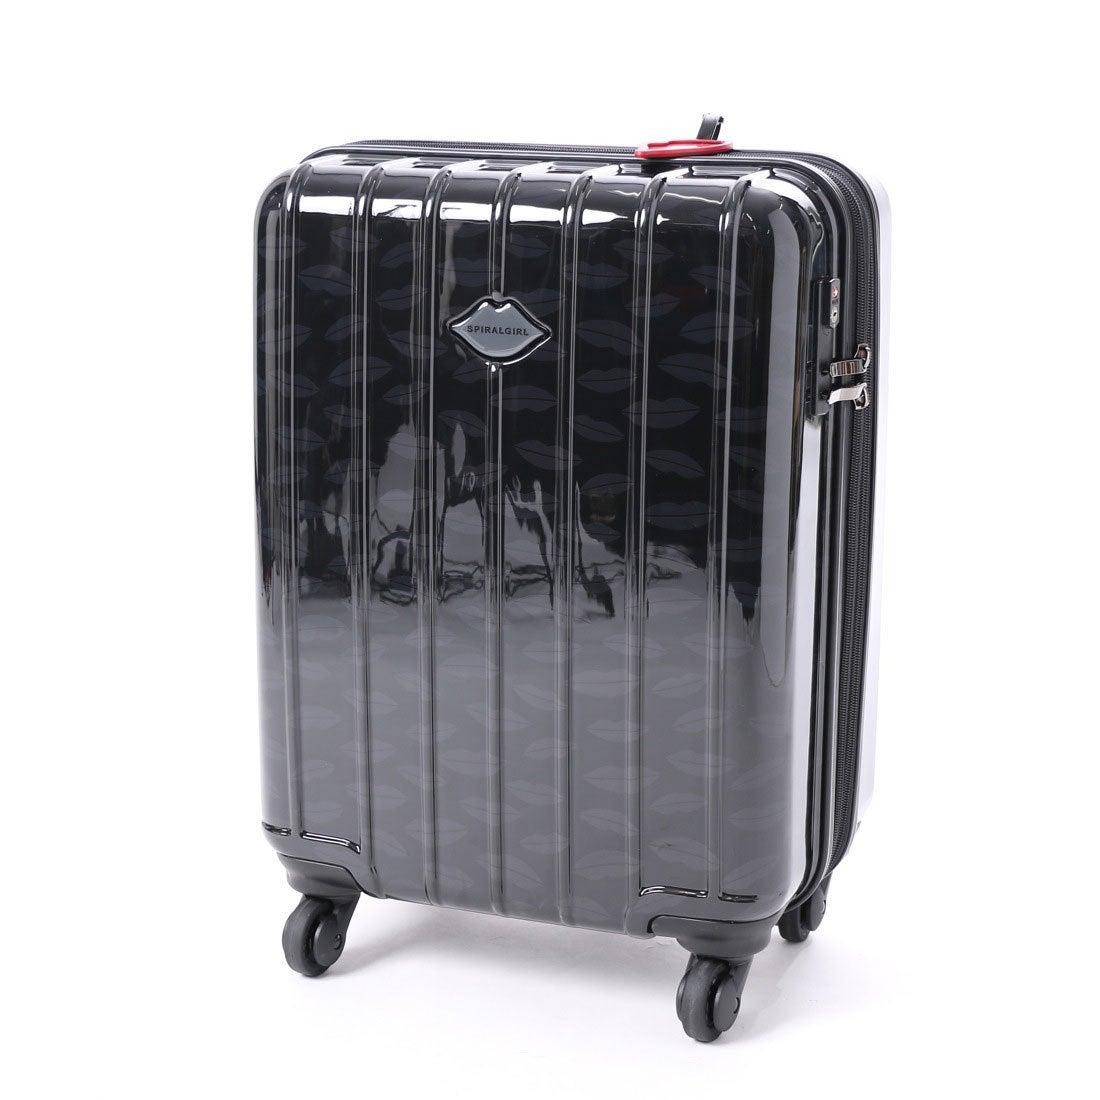 スパイラルガール SPIRAL GIRL 【SPIRALGIRLスパイラルガール】スーツケース 36L拡張機能付トラベルハードキャリー (ブラック) レディース